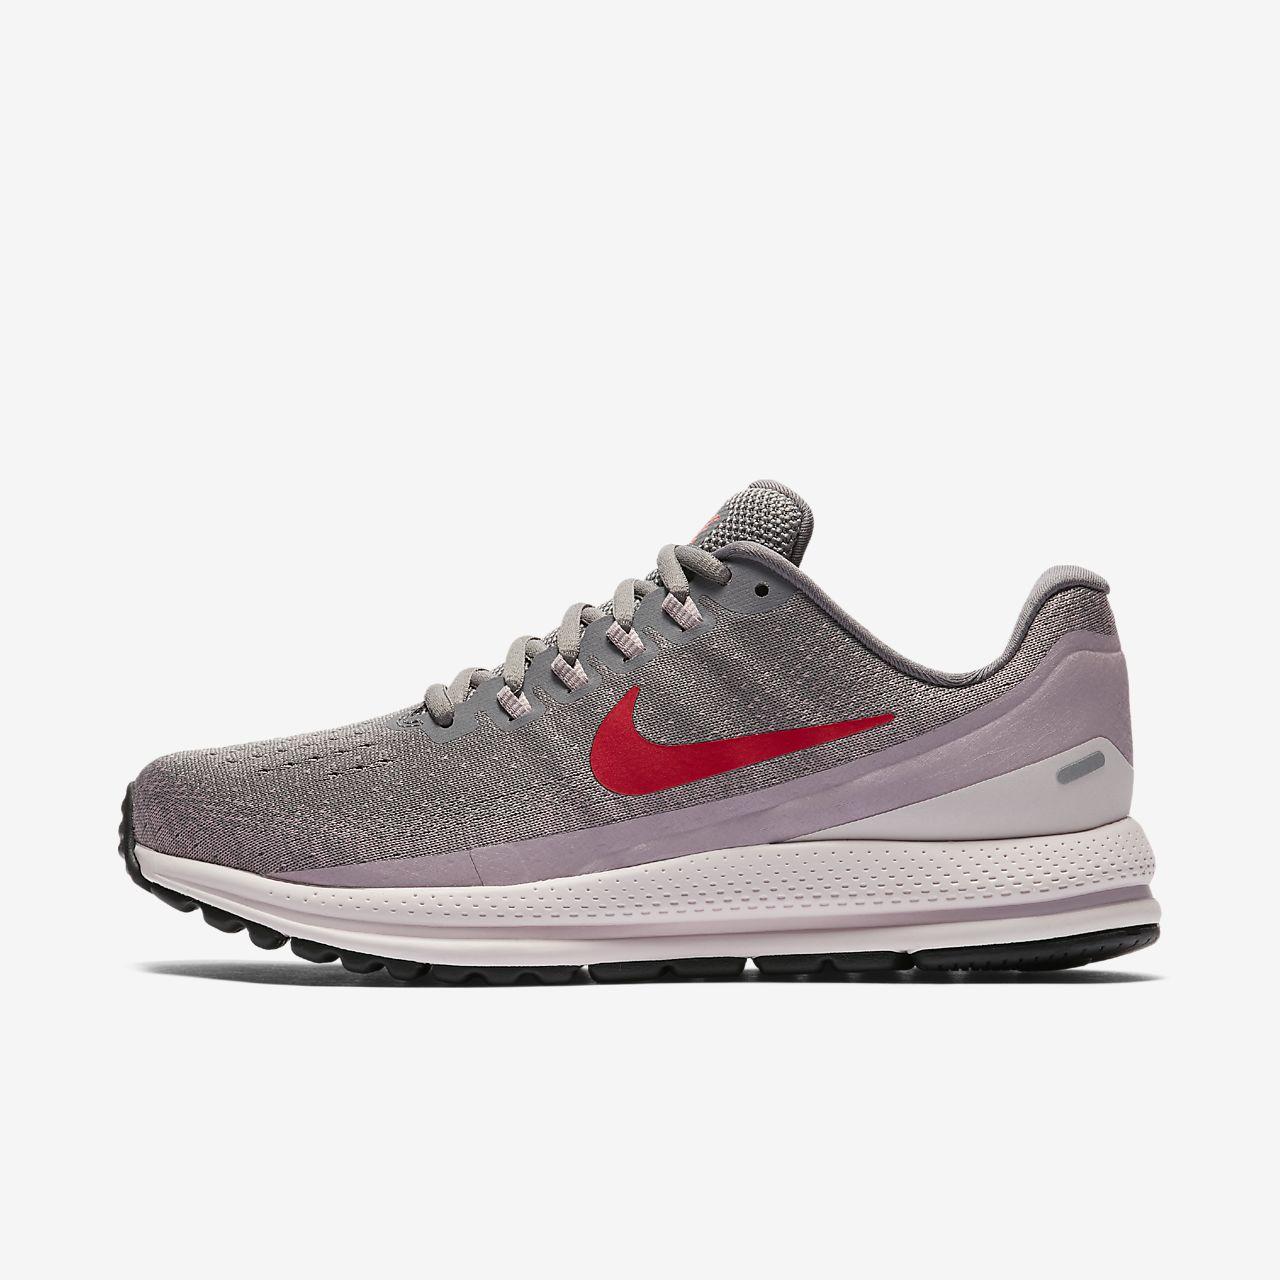 Γυναικείο παπούτσι για τρέξιμο Nike Air Zoom Vomero 13